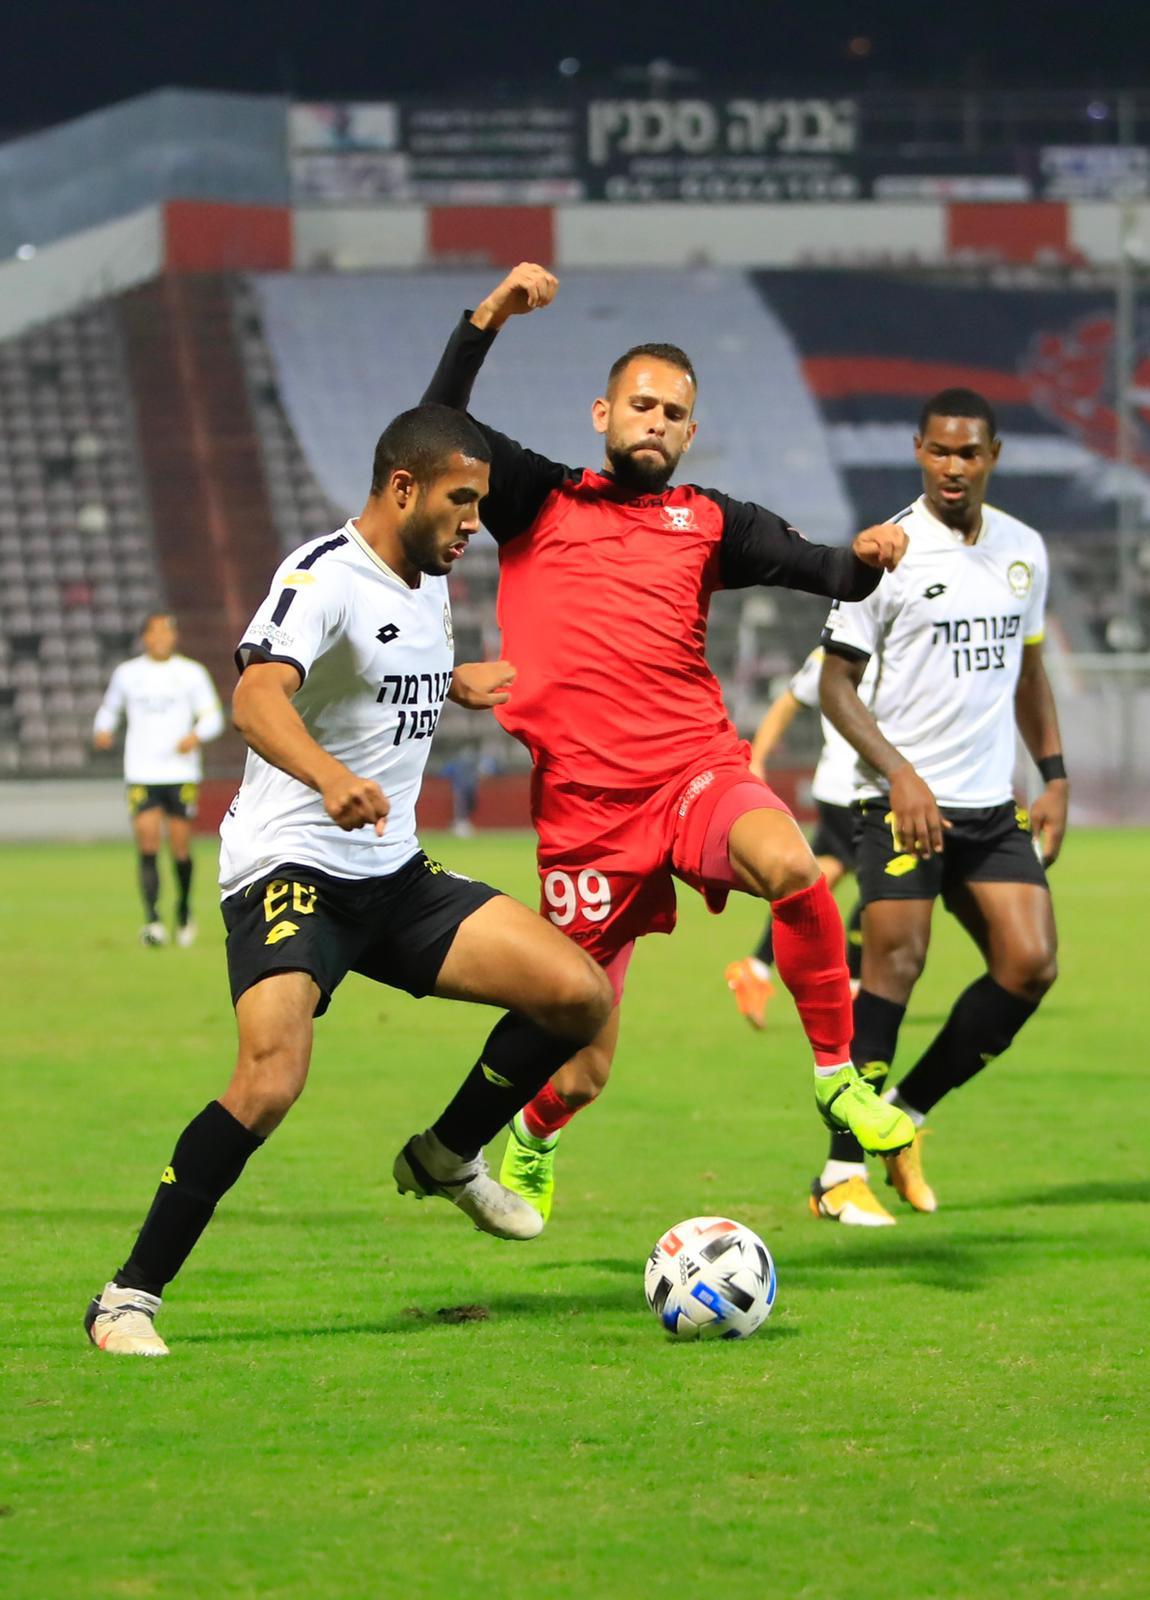 الجوله 15 : اتحاد سخنين 0 – 1 مكابي نتانيا